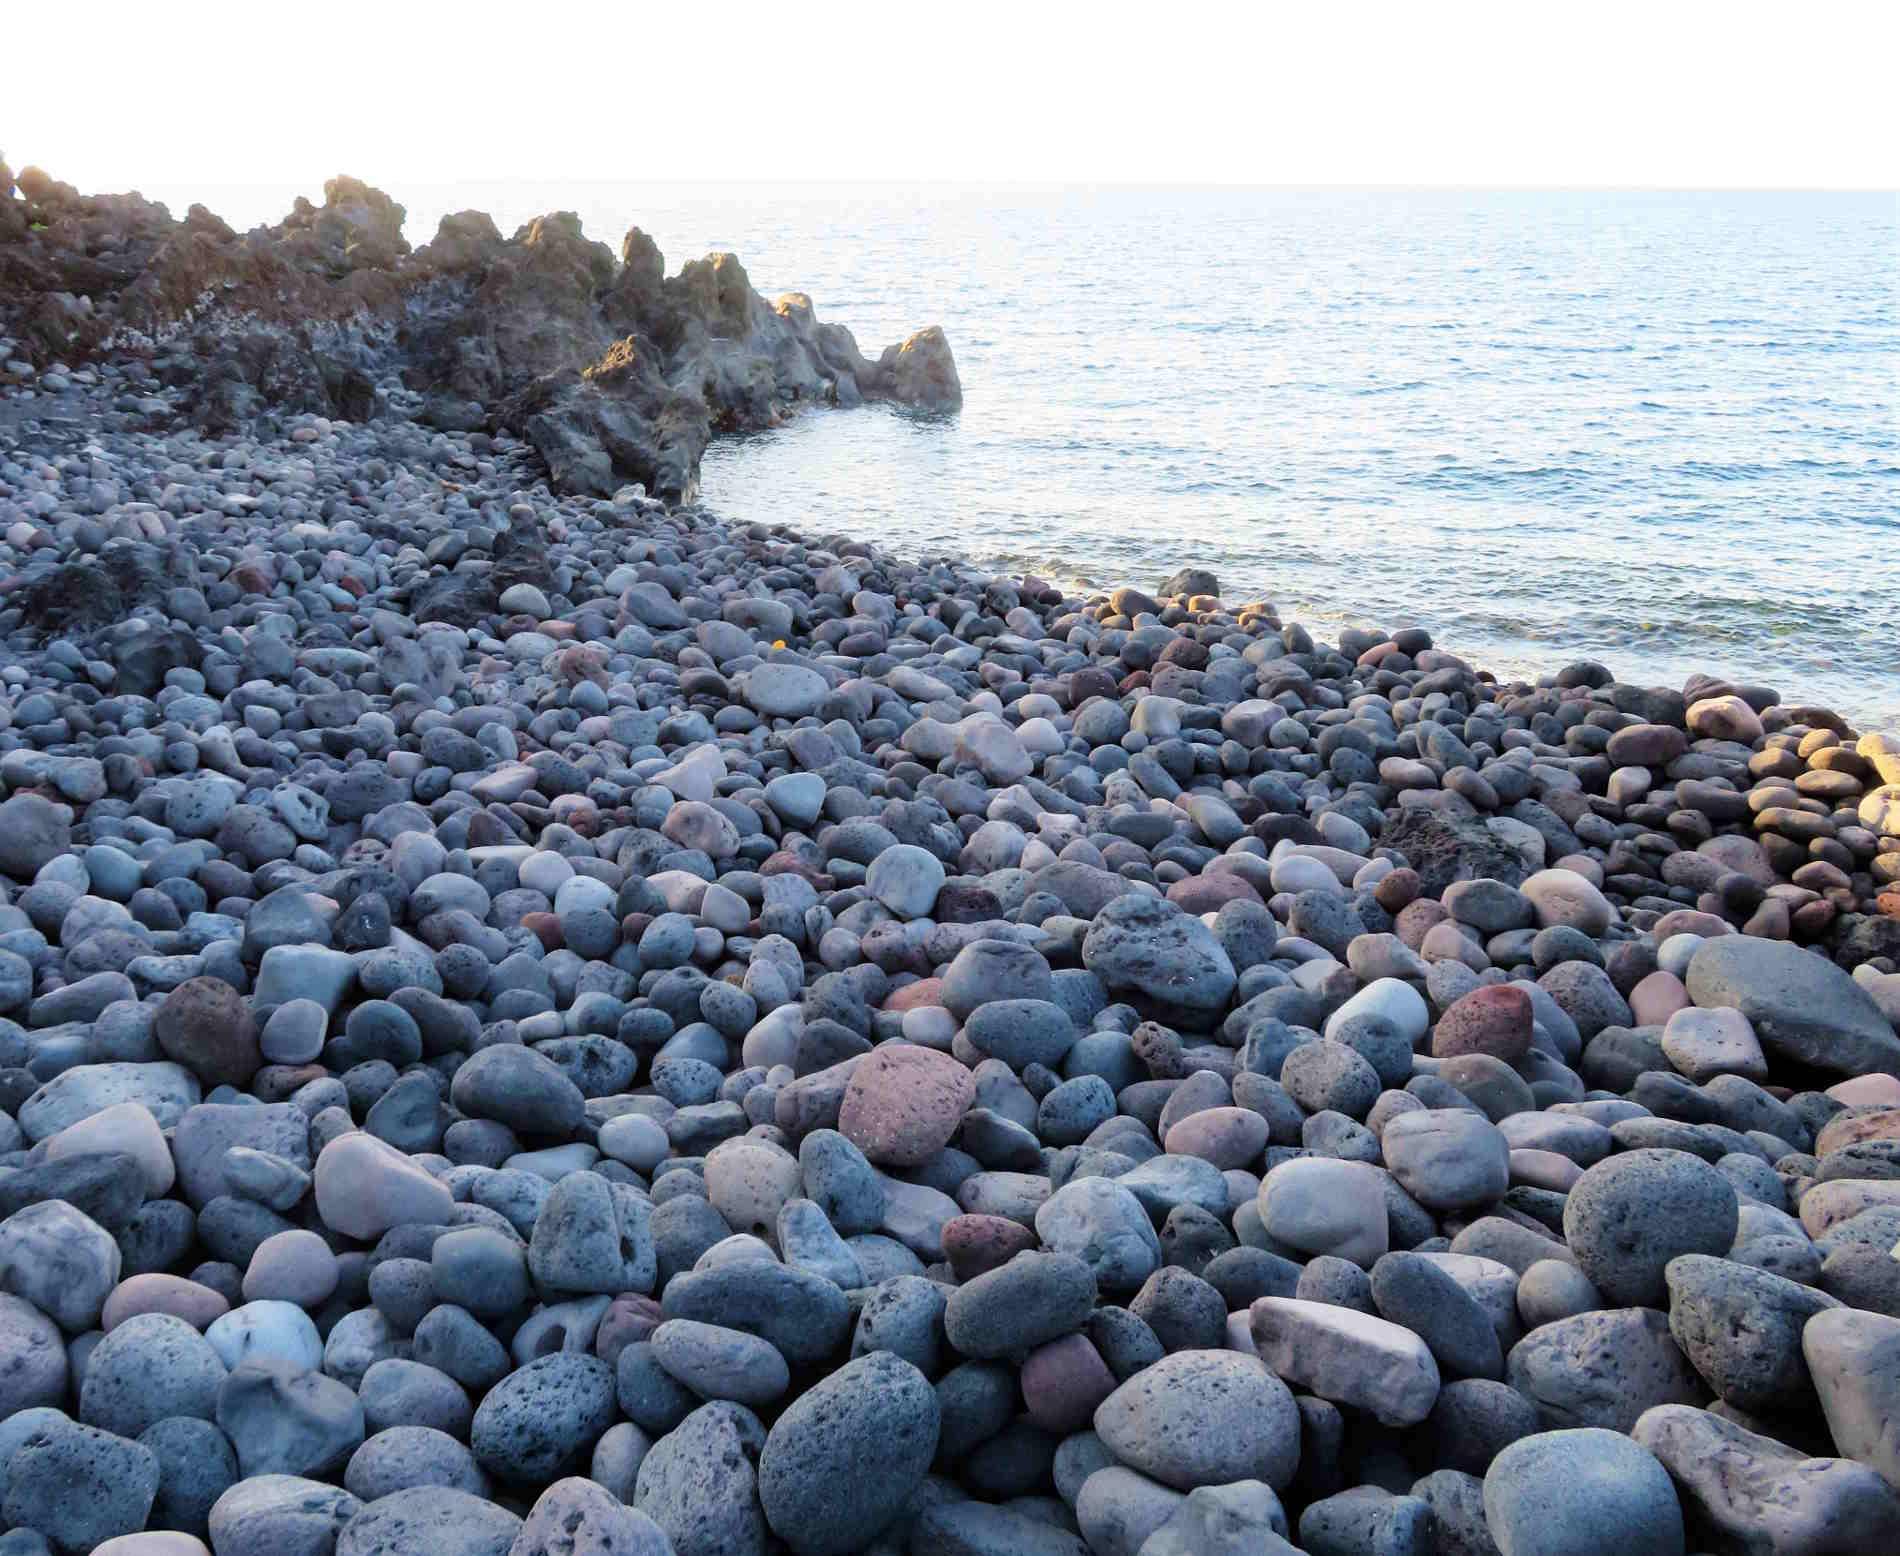 Spiaggia di ciotoli a Stromboli Isole Eolie